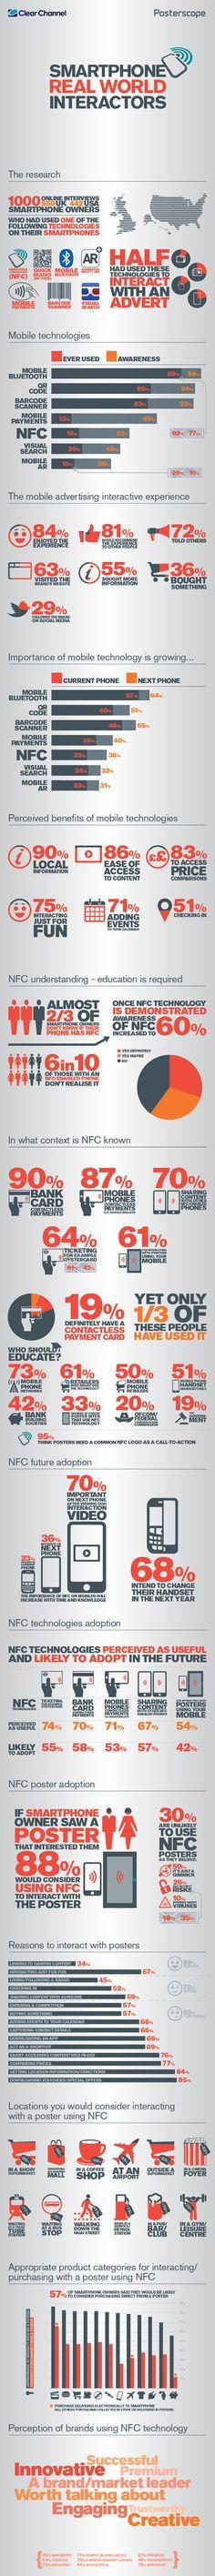 NFC figures